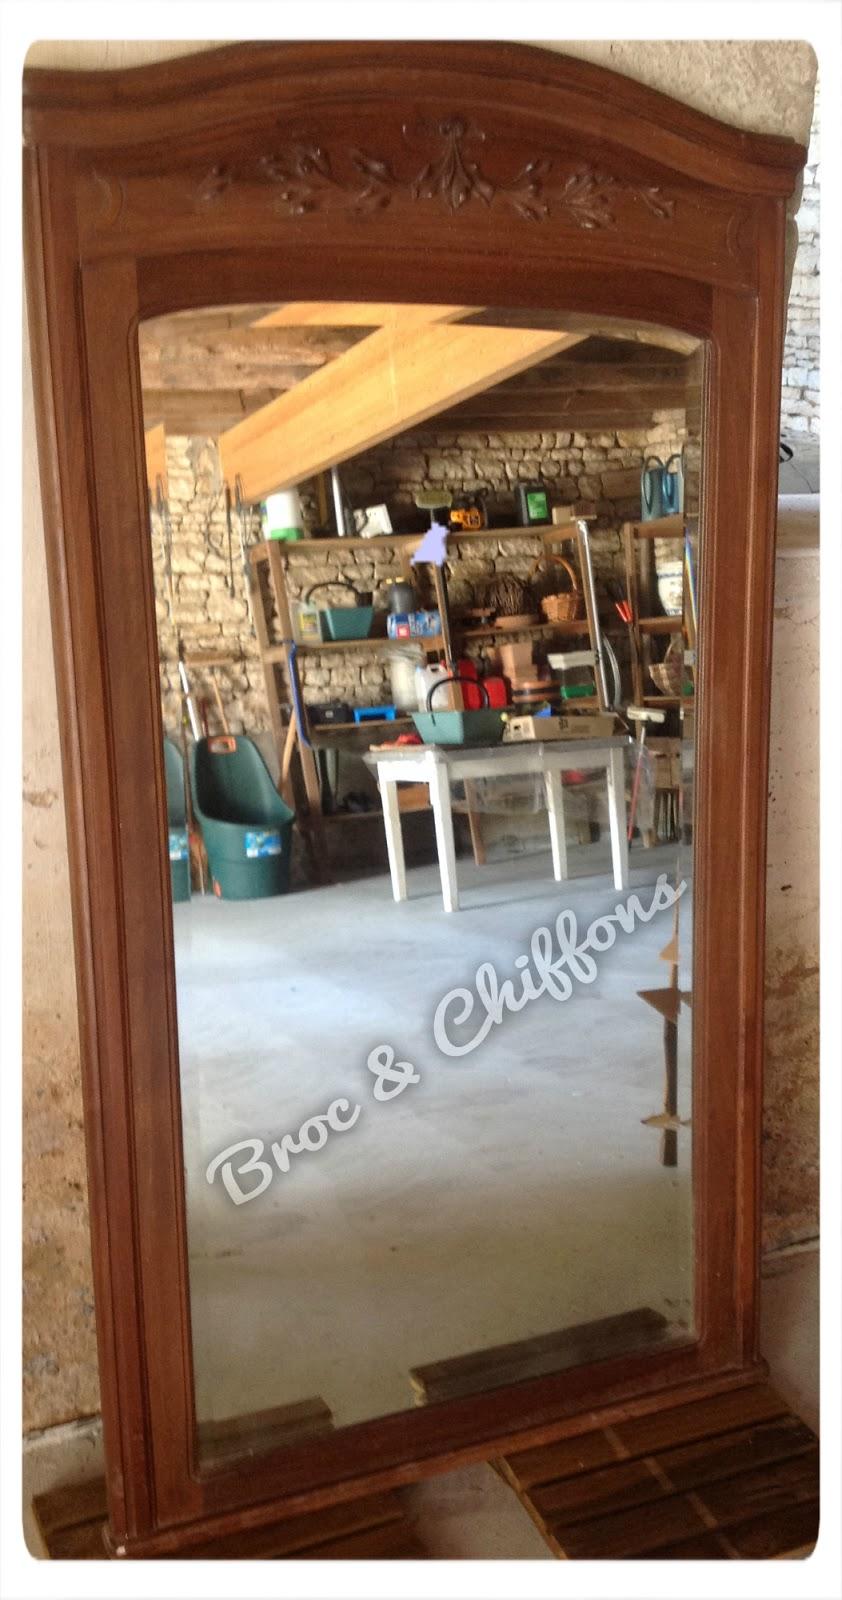 Broc et chiffons relooking de meubles dans les deux s vres 79 patine l 39 ancienne miroir for Peinture relooking v